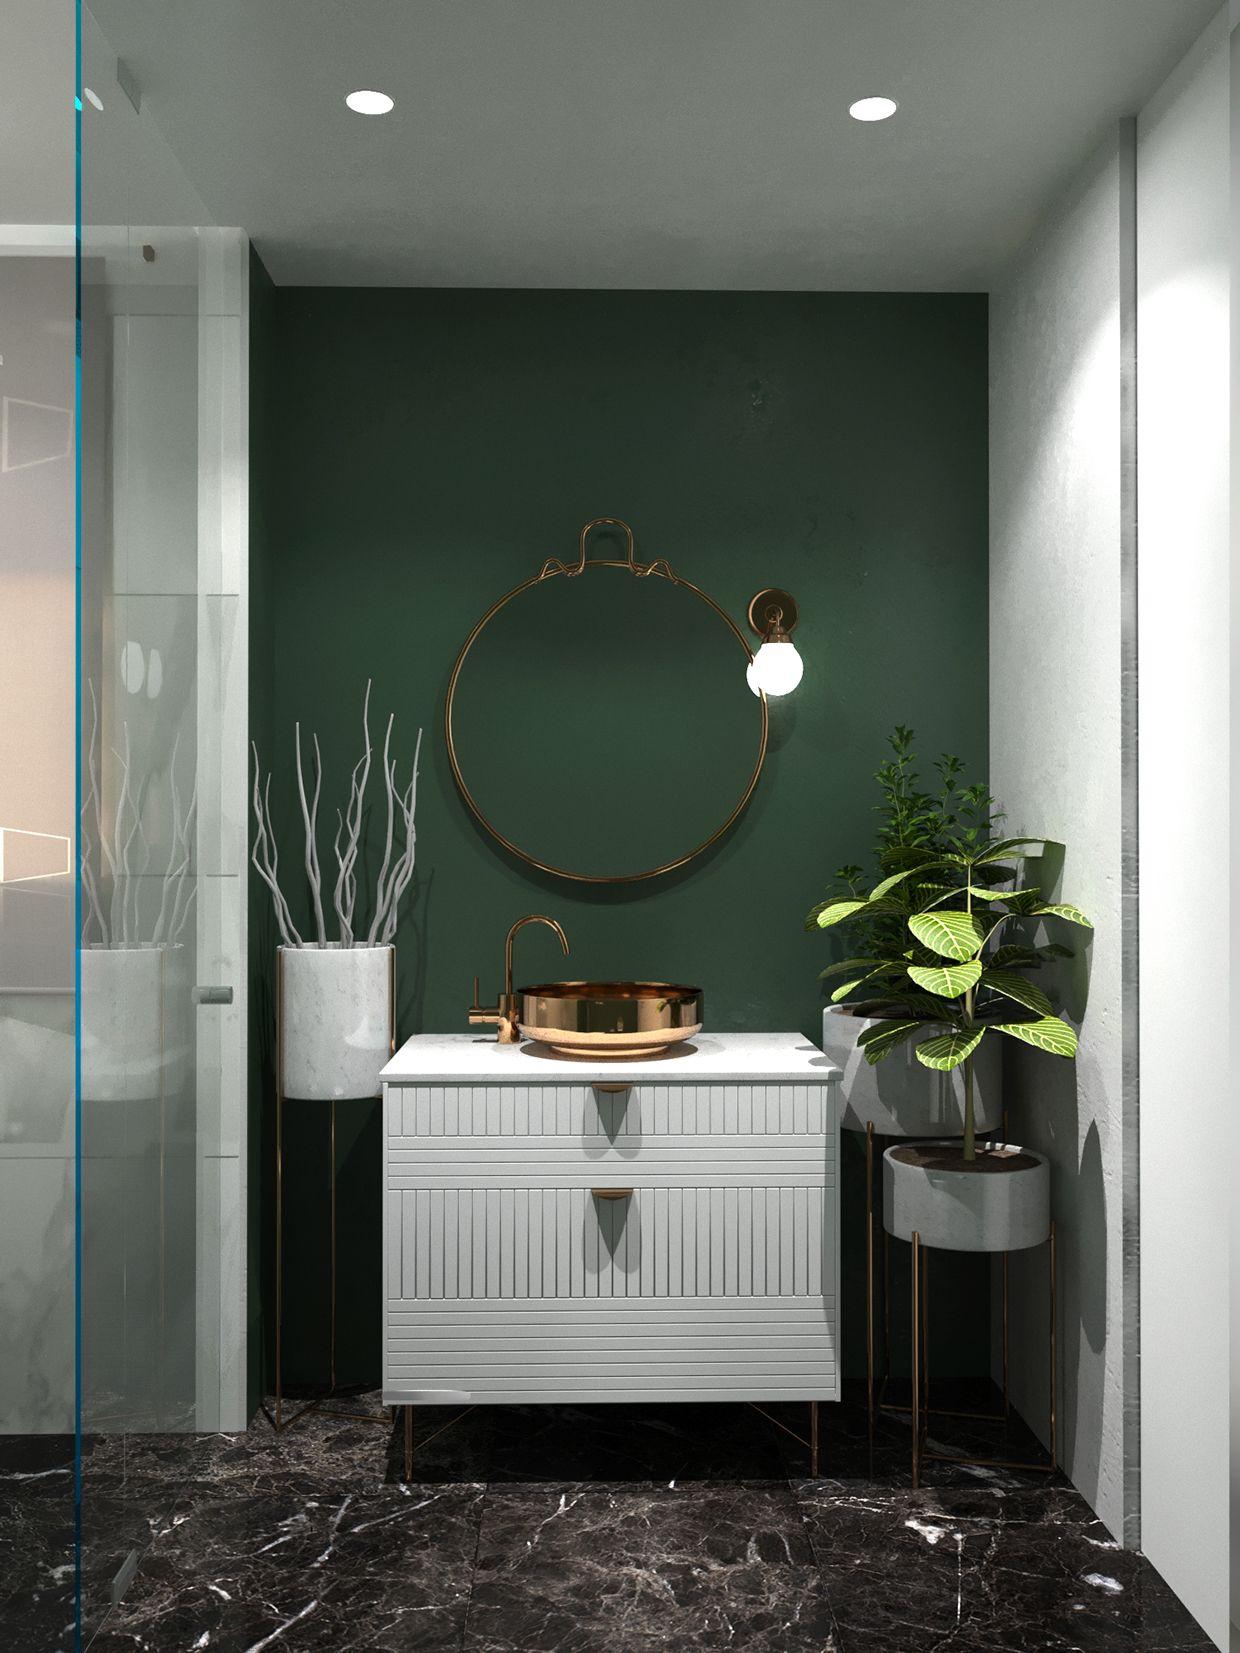 pingl par iuhulamps alina padurean sur bathroom pinterest salle de bain salle et meuble. Black Bedroom Furniture Sets. Home Design Ideas